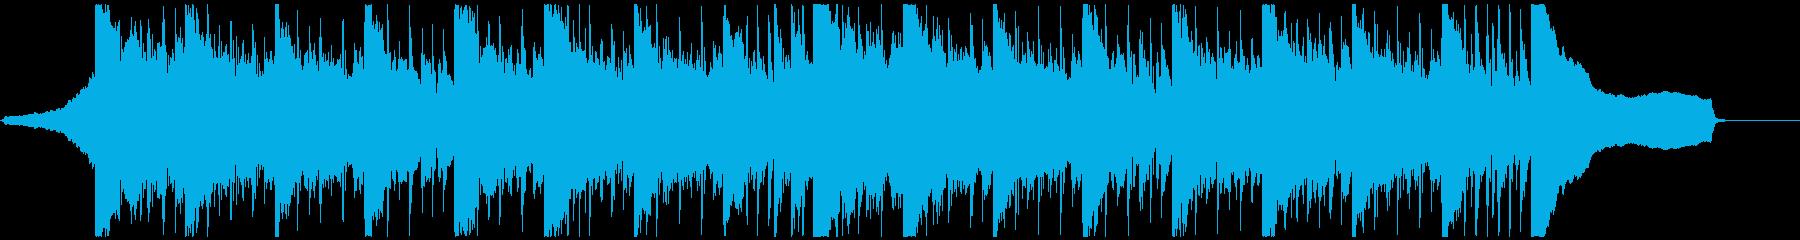 シンセ・リフの短いBGMの再生済みの波形